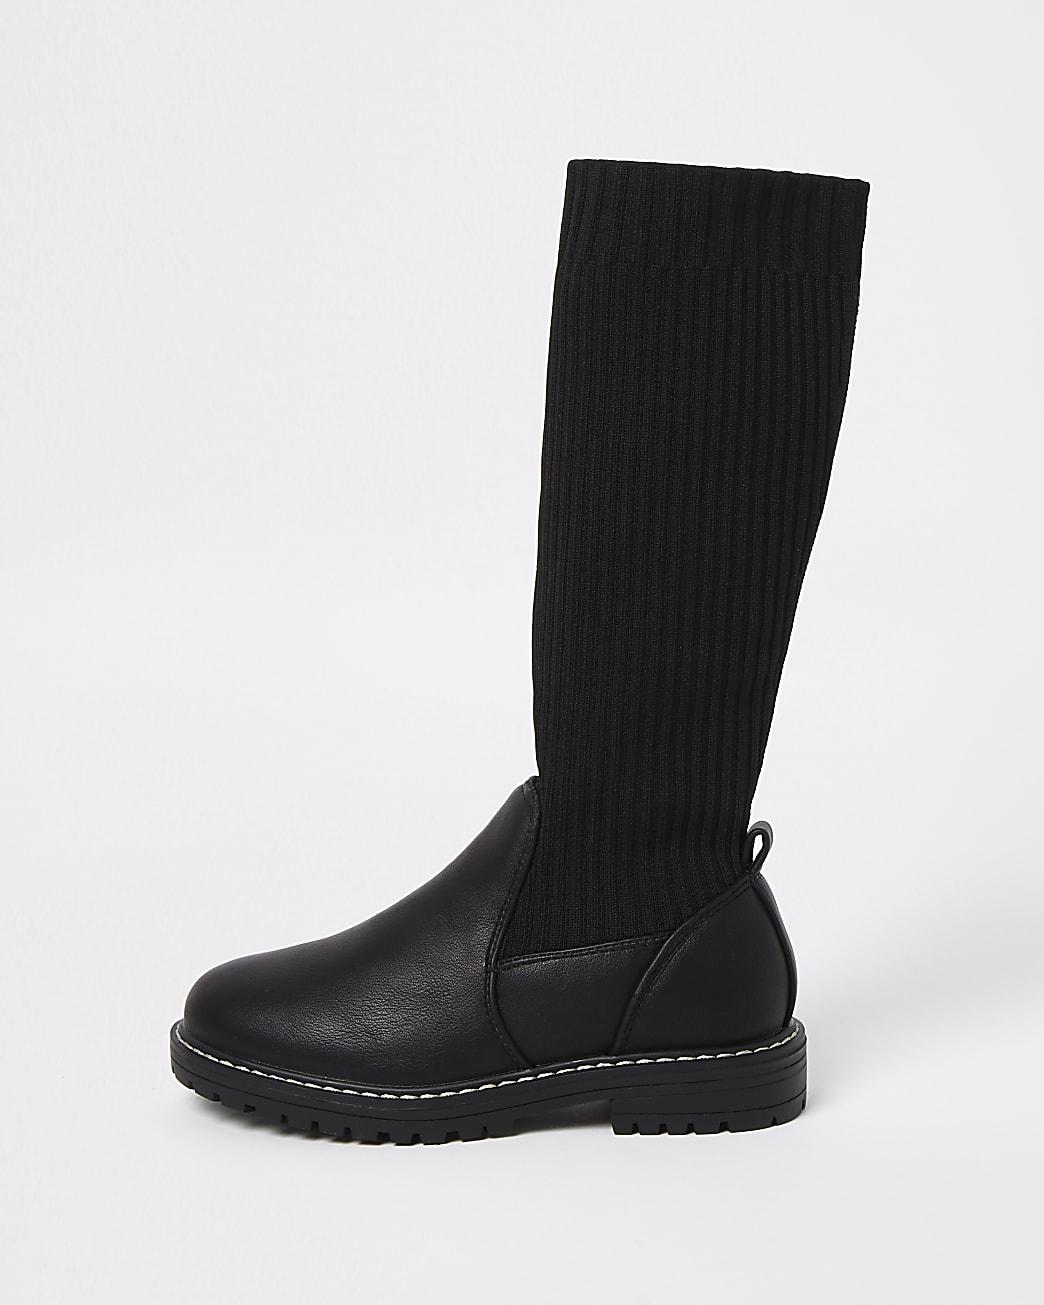 Girls black knitted high leg boots